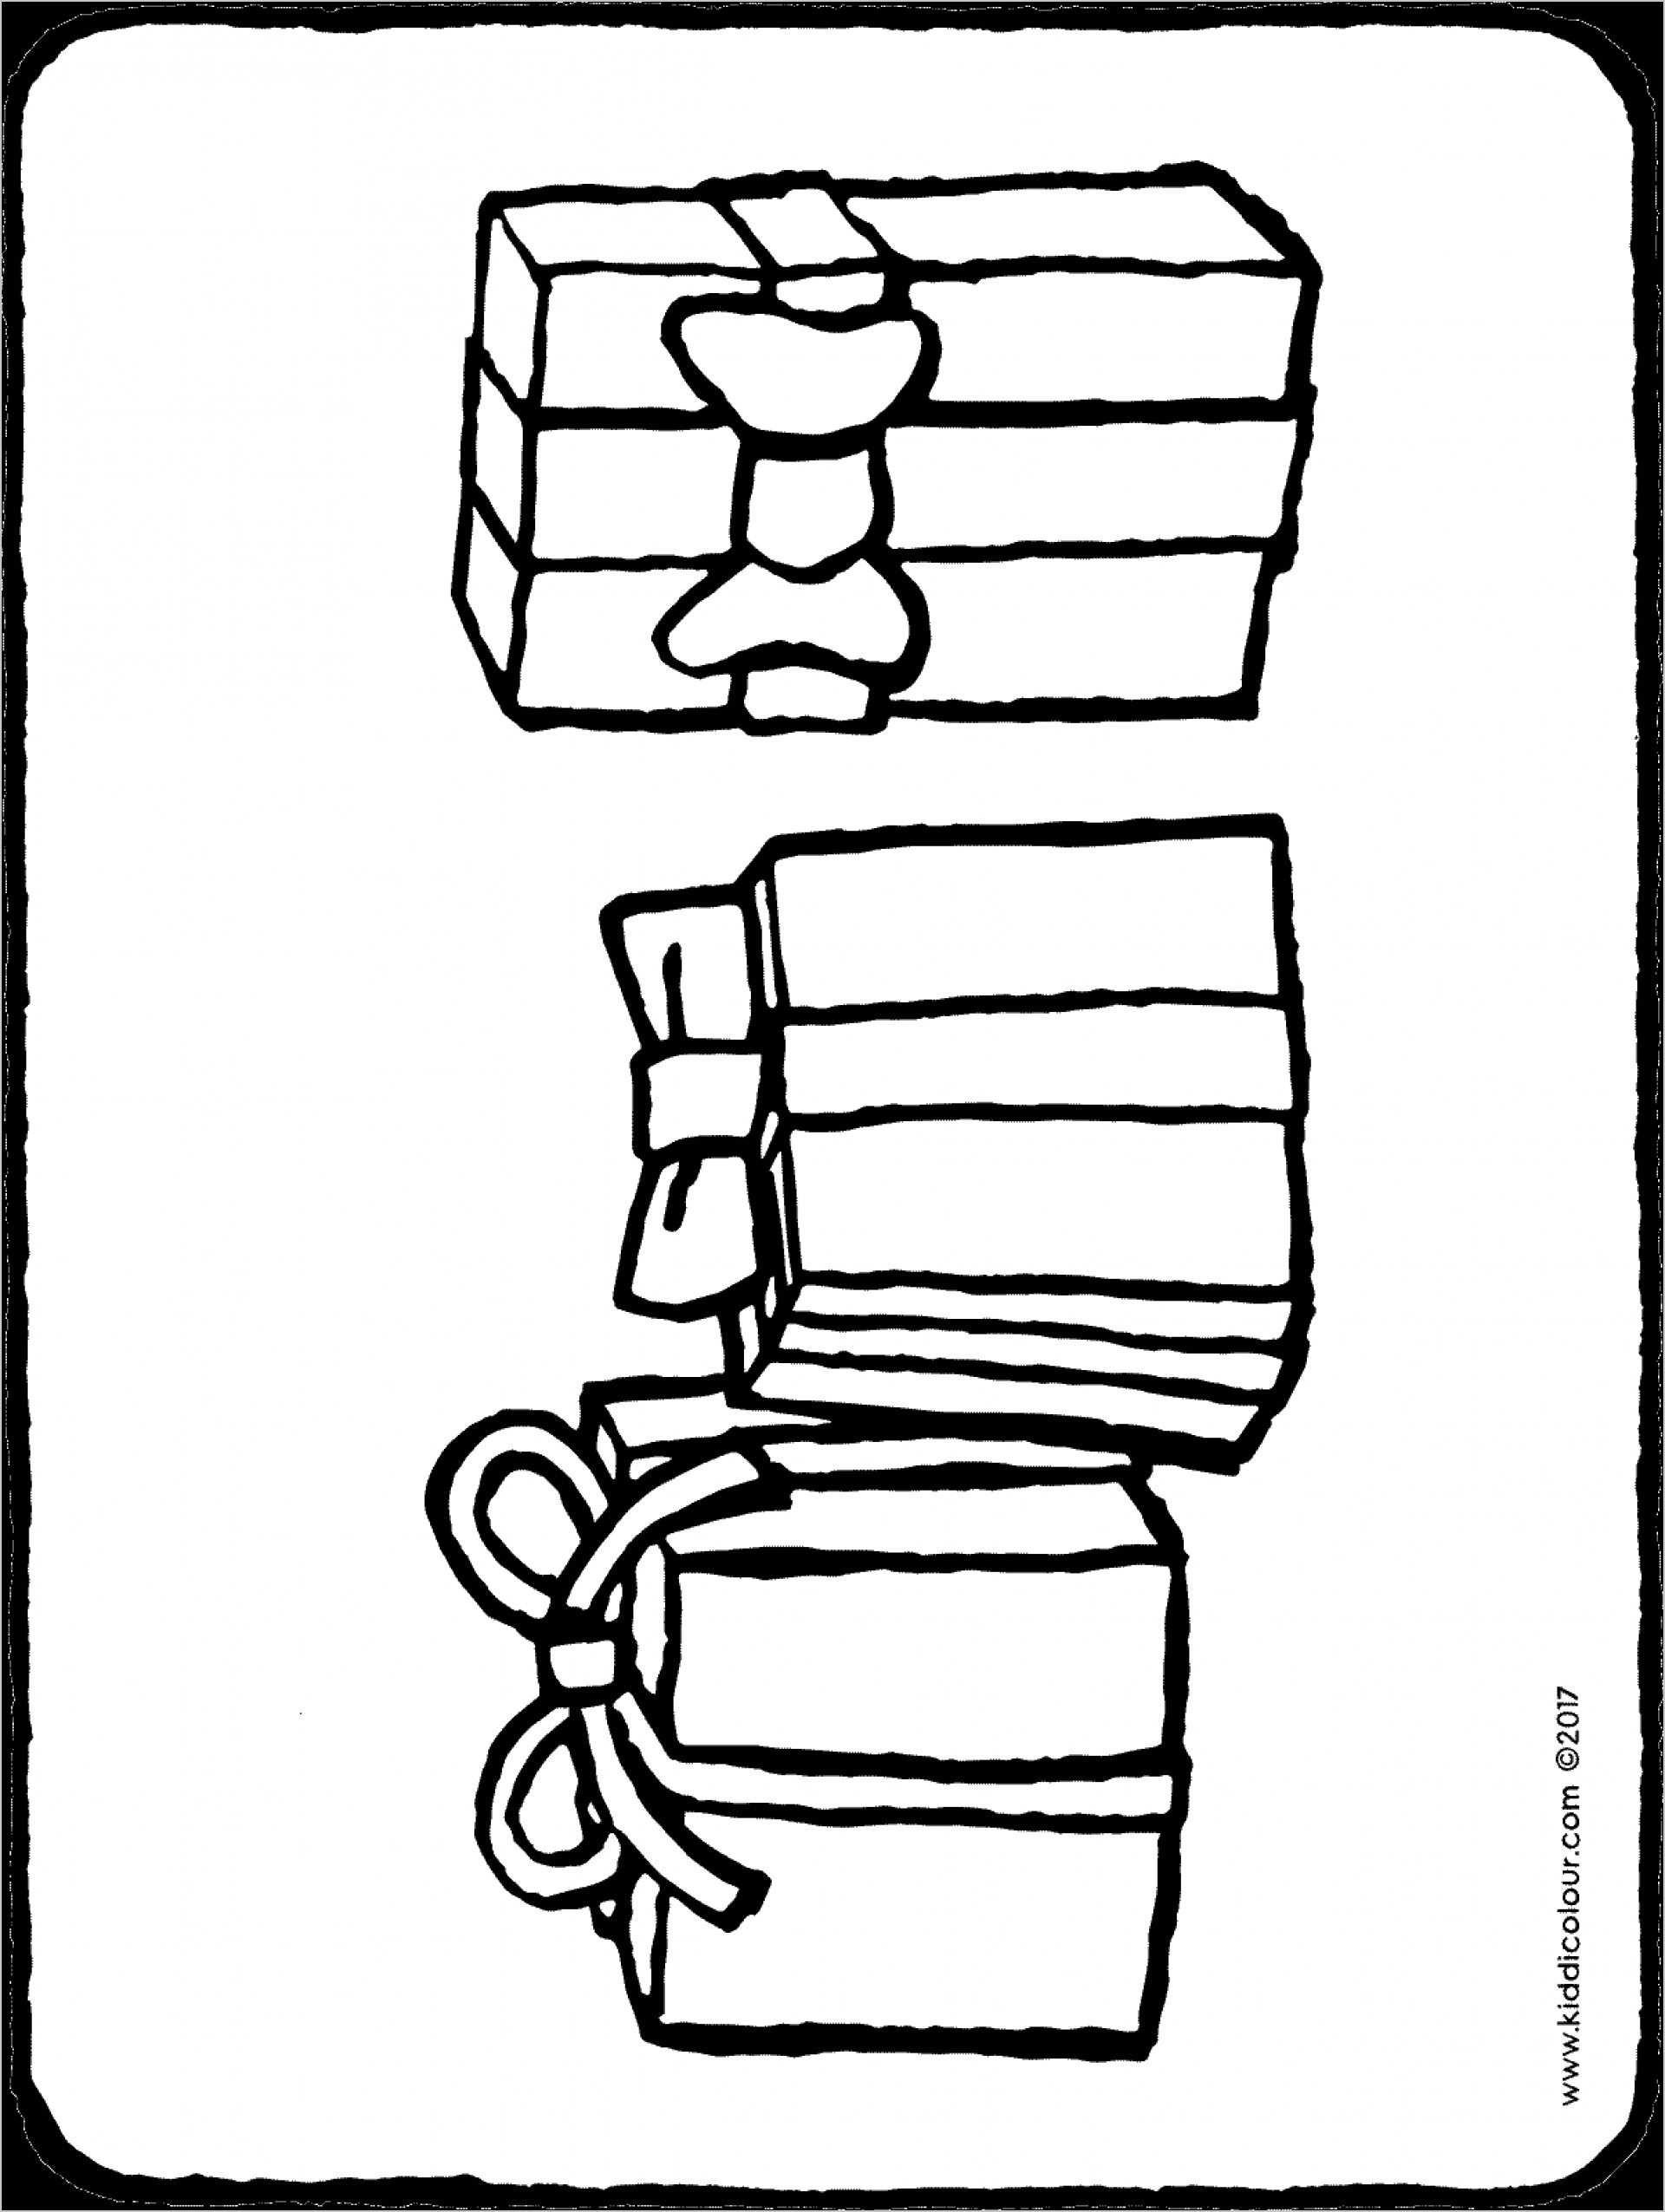 Malvorlagen Weihnachten Tannenbaum Neu Bloß Ausmalbilder Weihnachten Tannenbaum Mit Geschenken Bilder